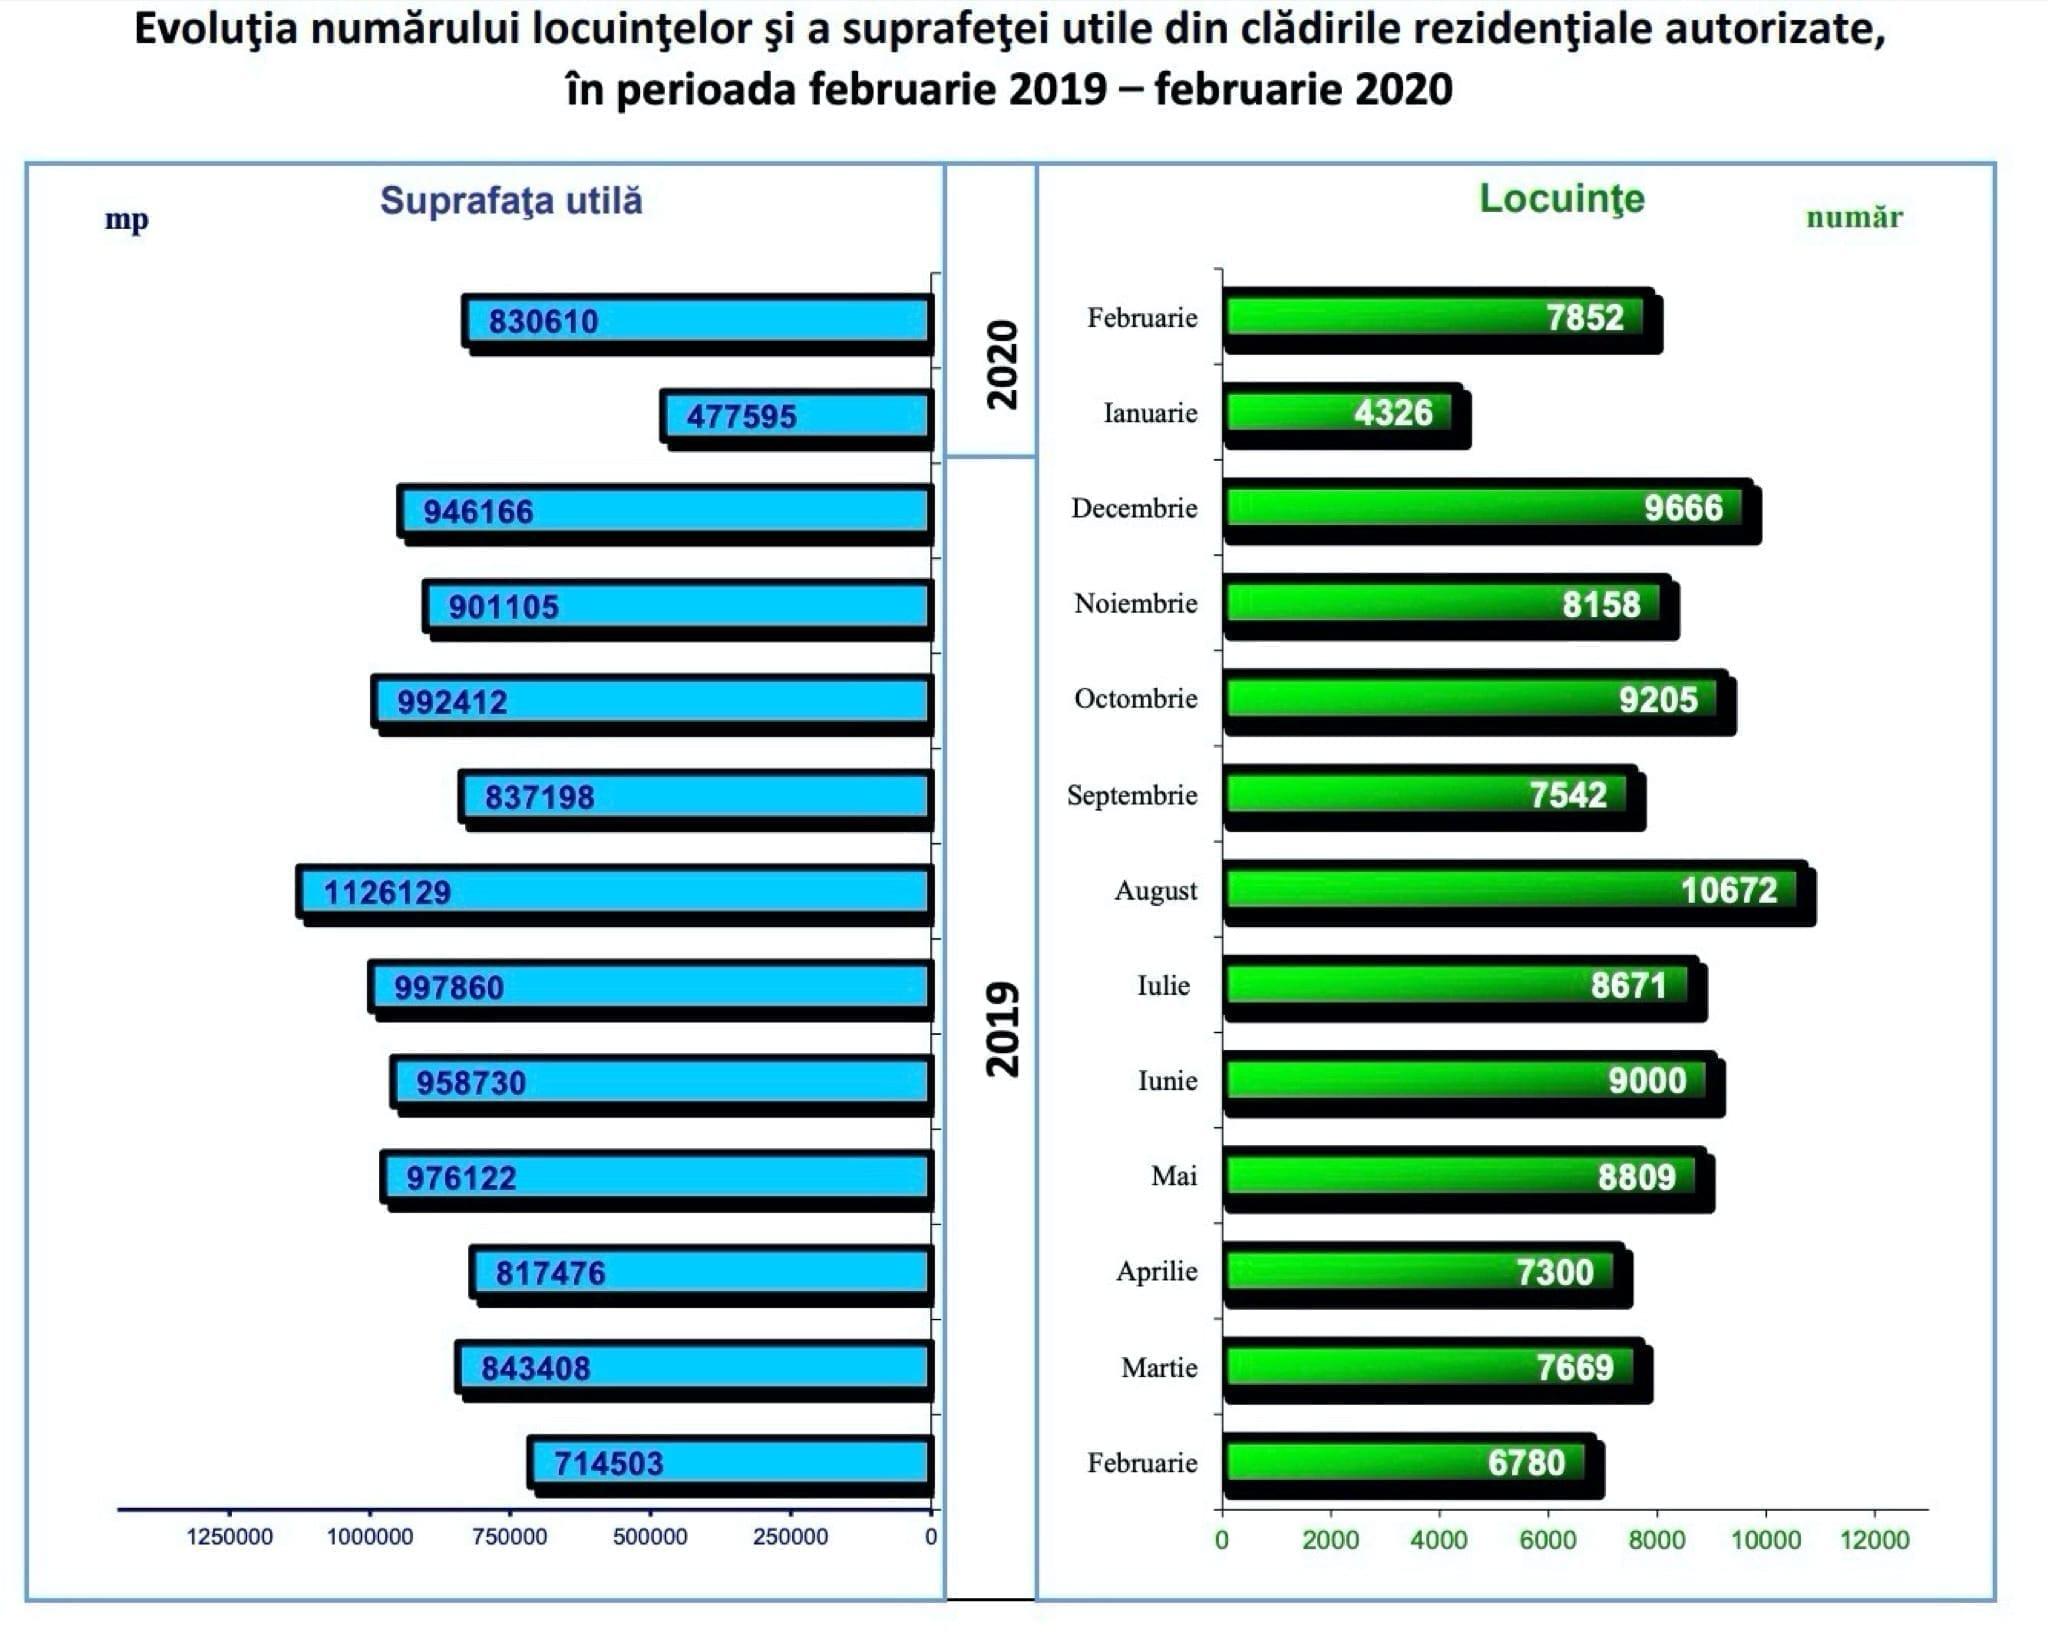 rezidential - Sectorul rezidențial, creșterea autorizărilor de construire în februarie